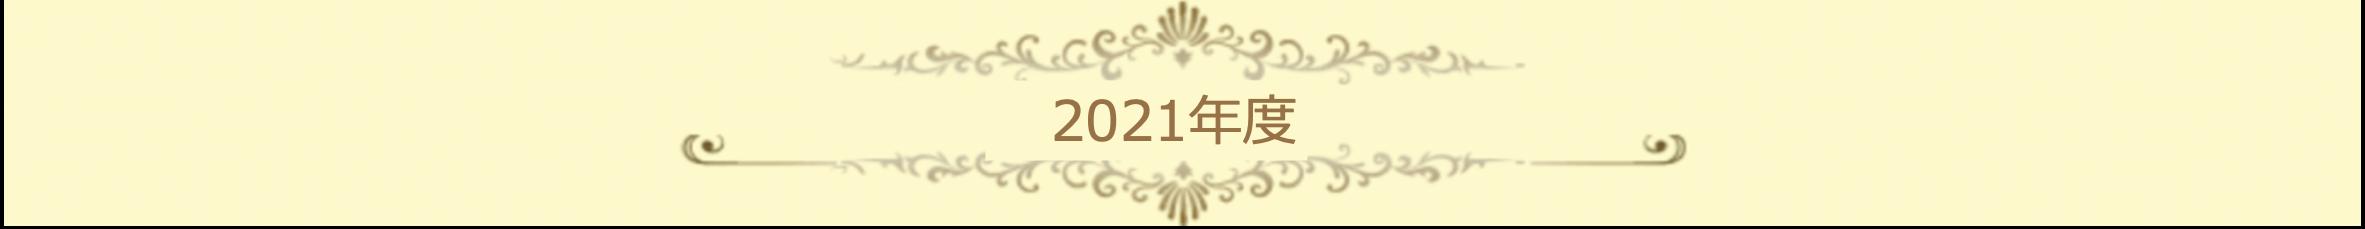 2021年度